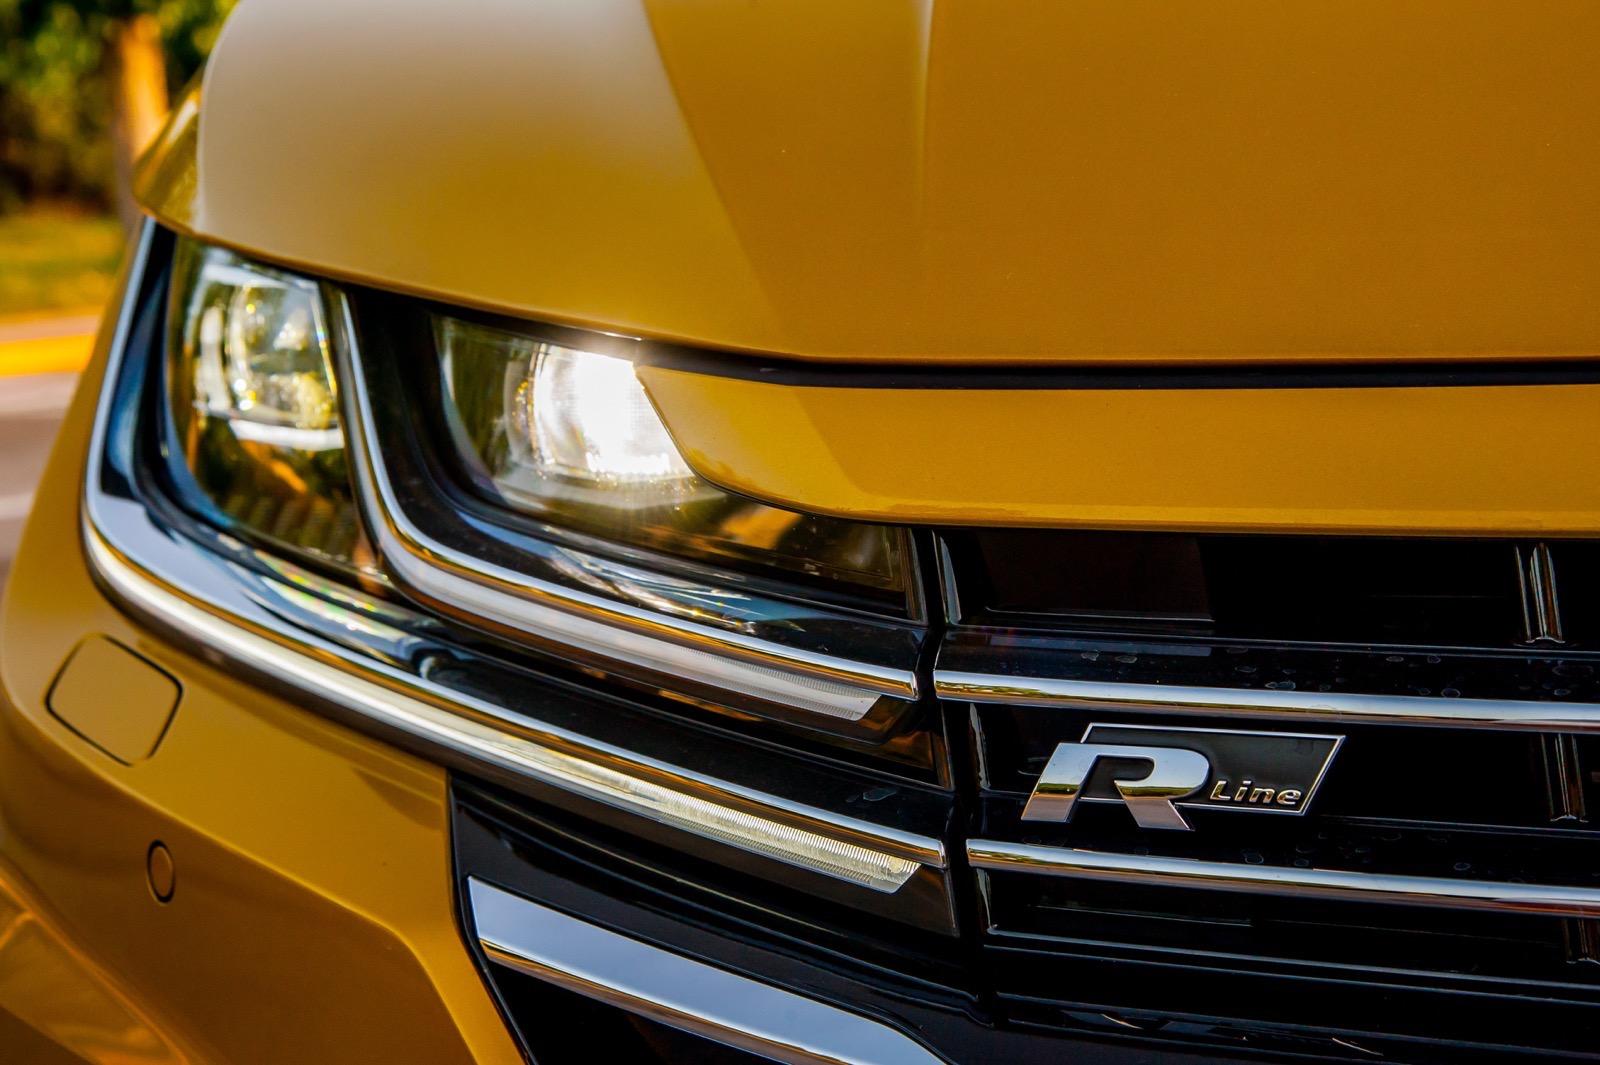 Volkswagen_Arteon_Greek_Presentataion_65